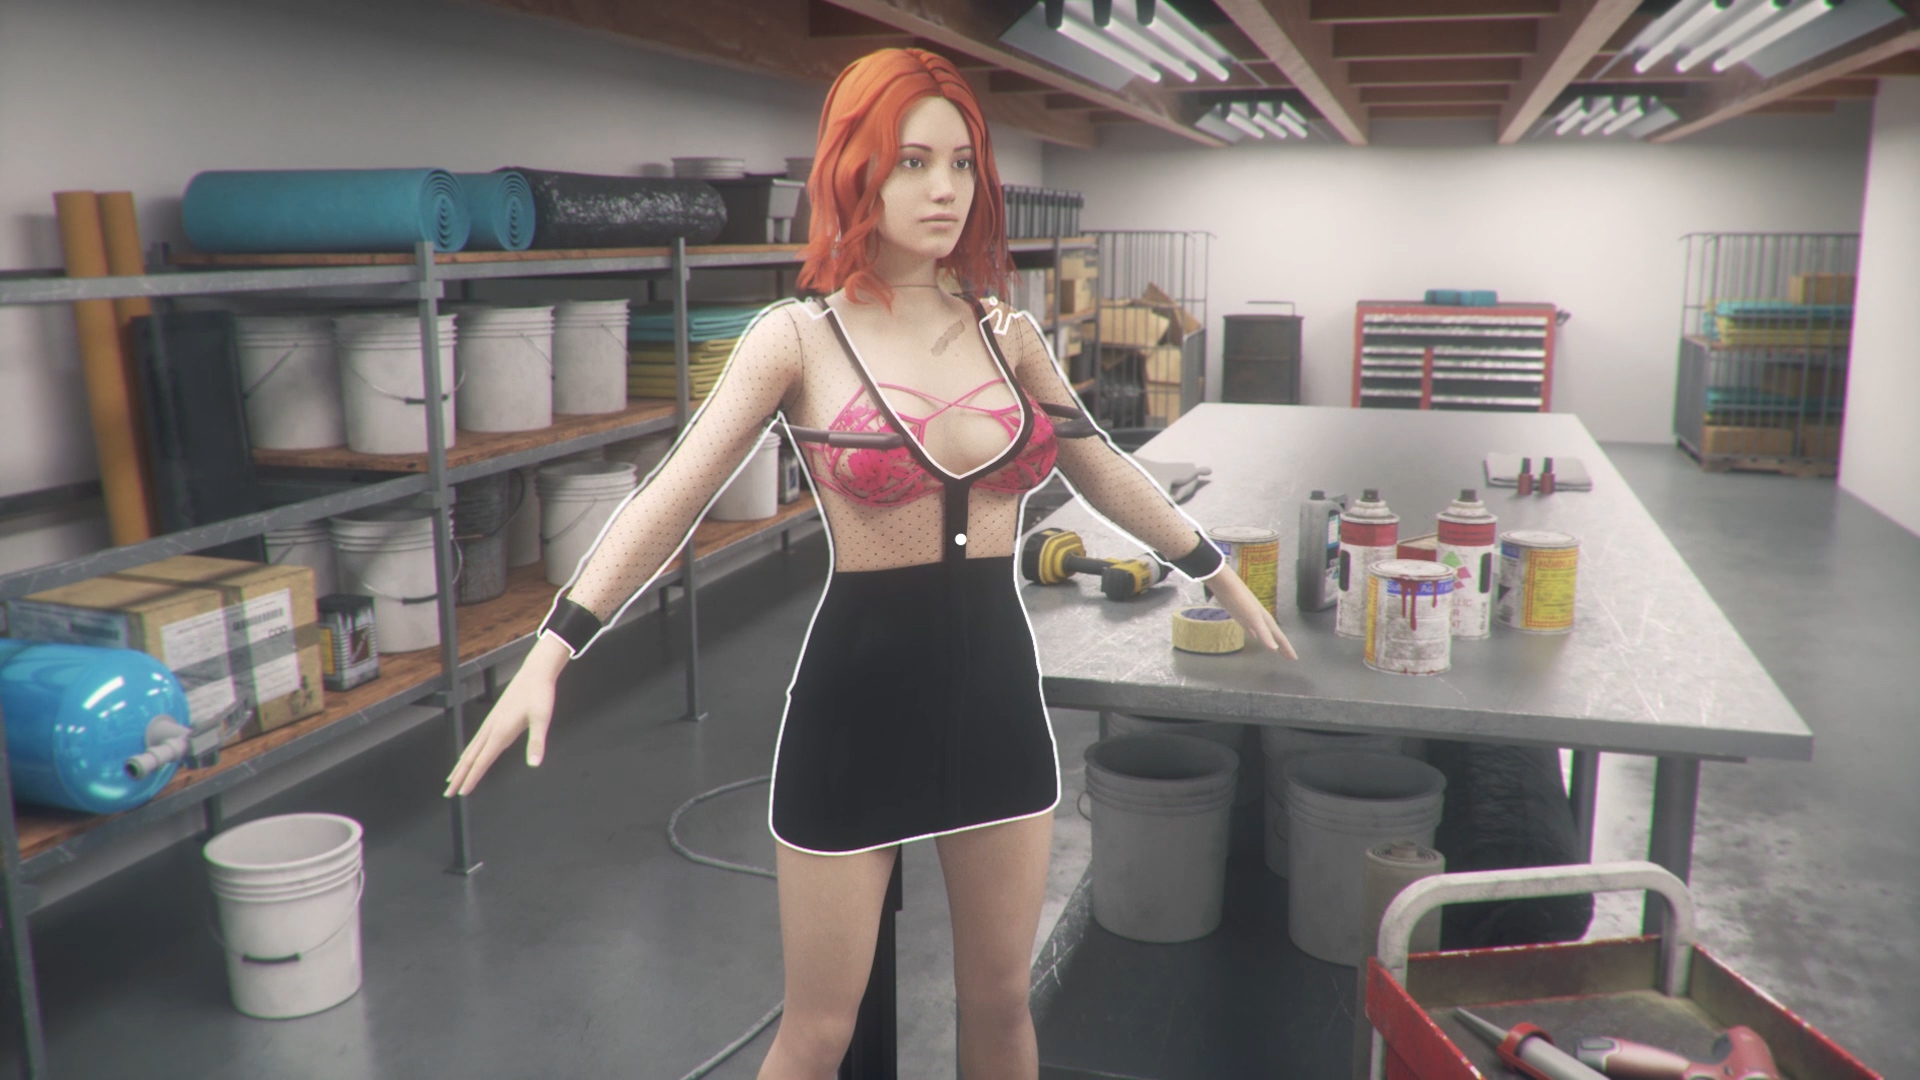 情趣用品店老闆模擬器《Plastic Love》,體驗打造你的充氣娃娃帝國!